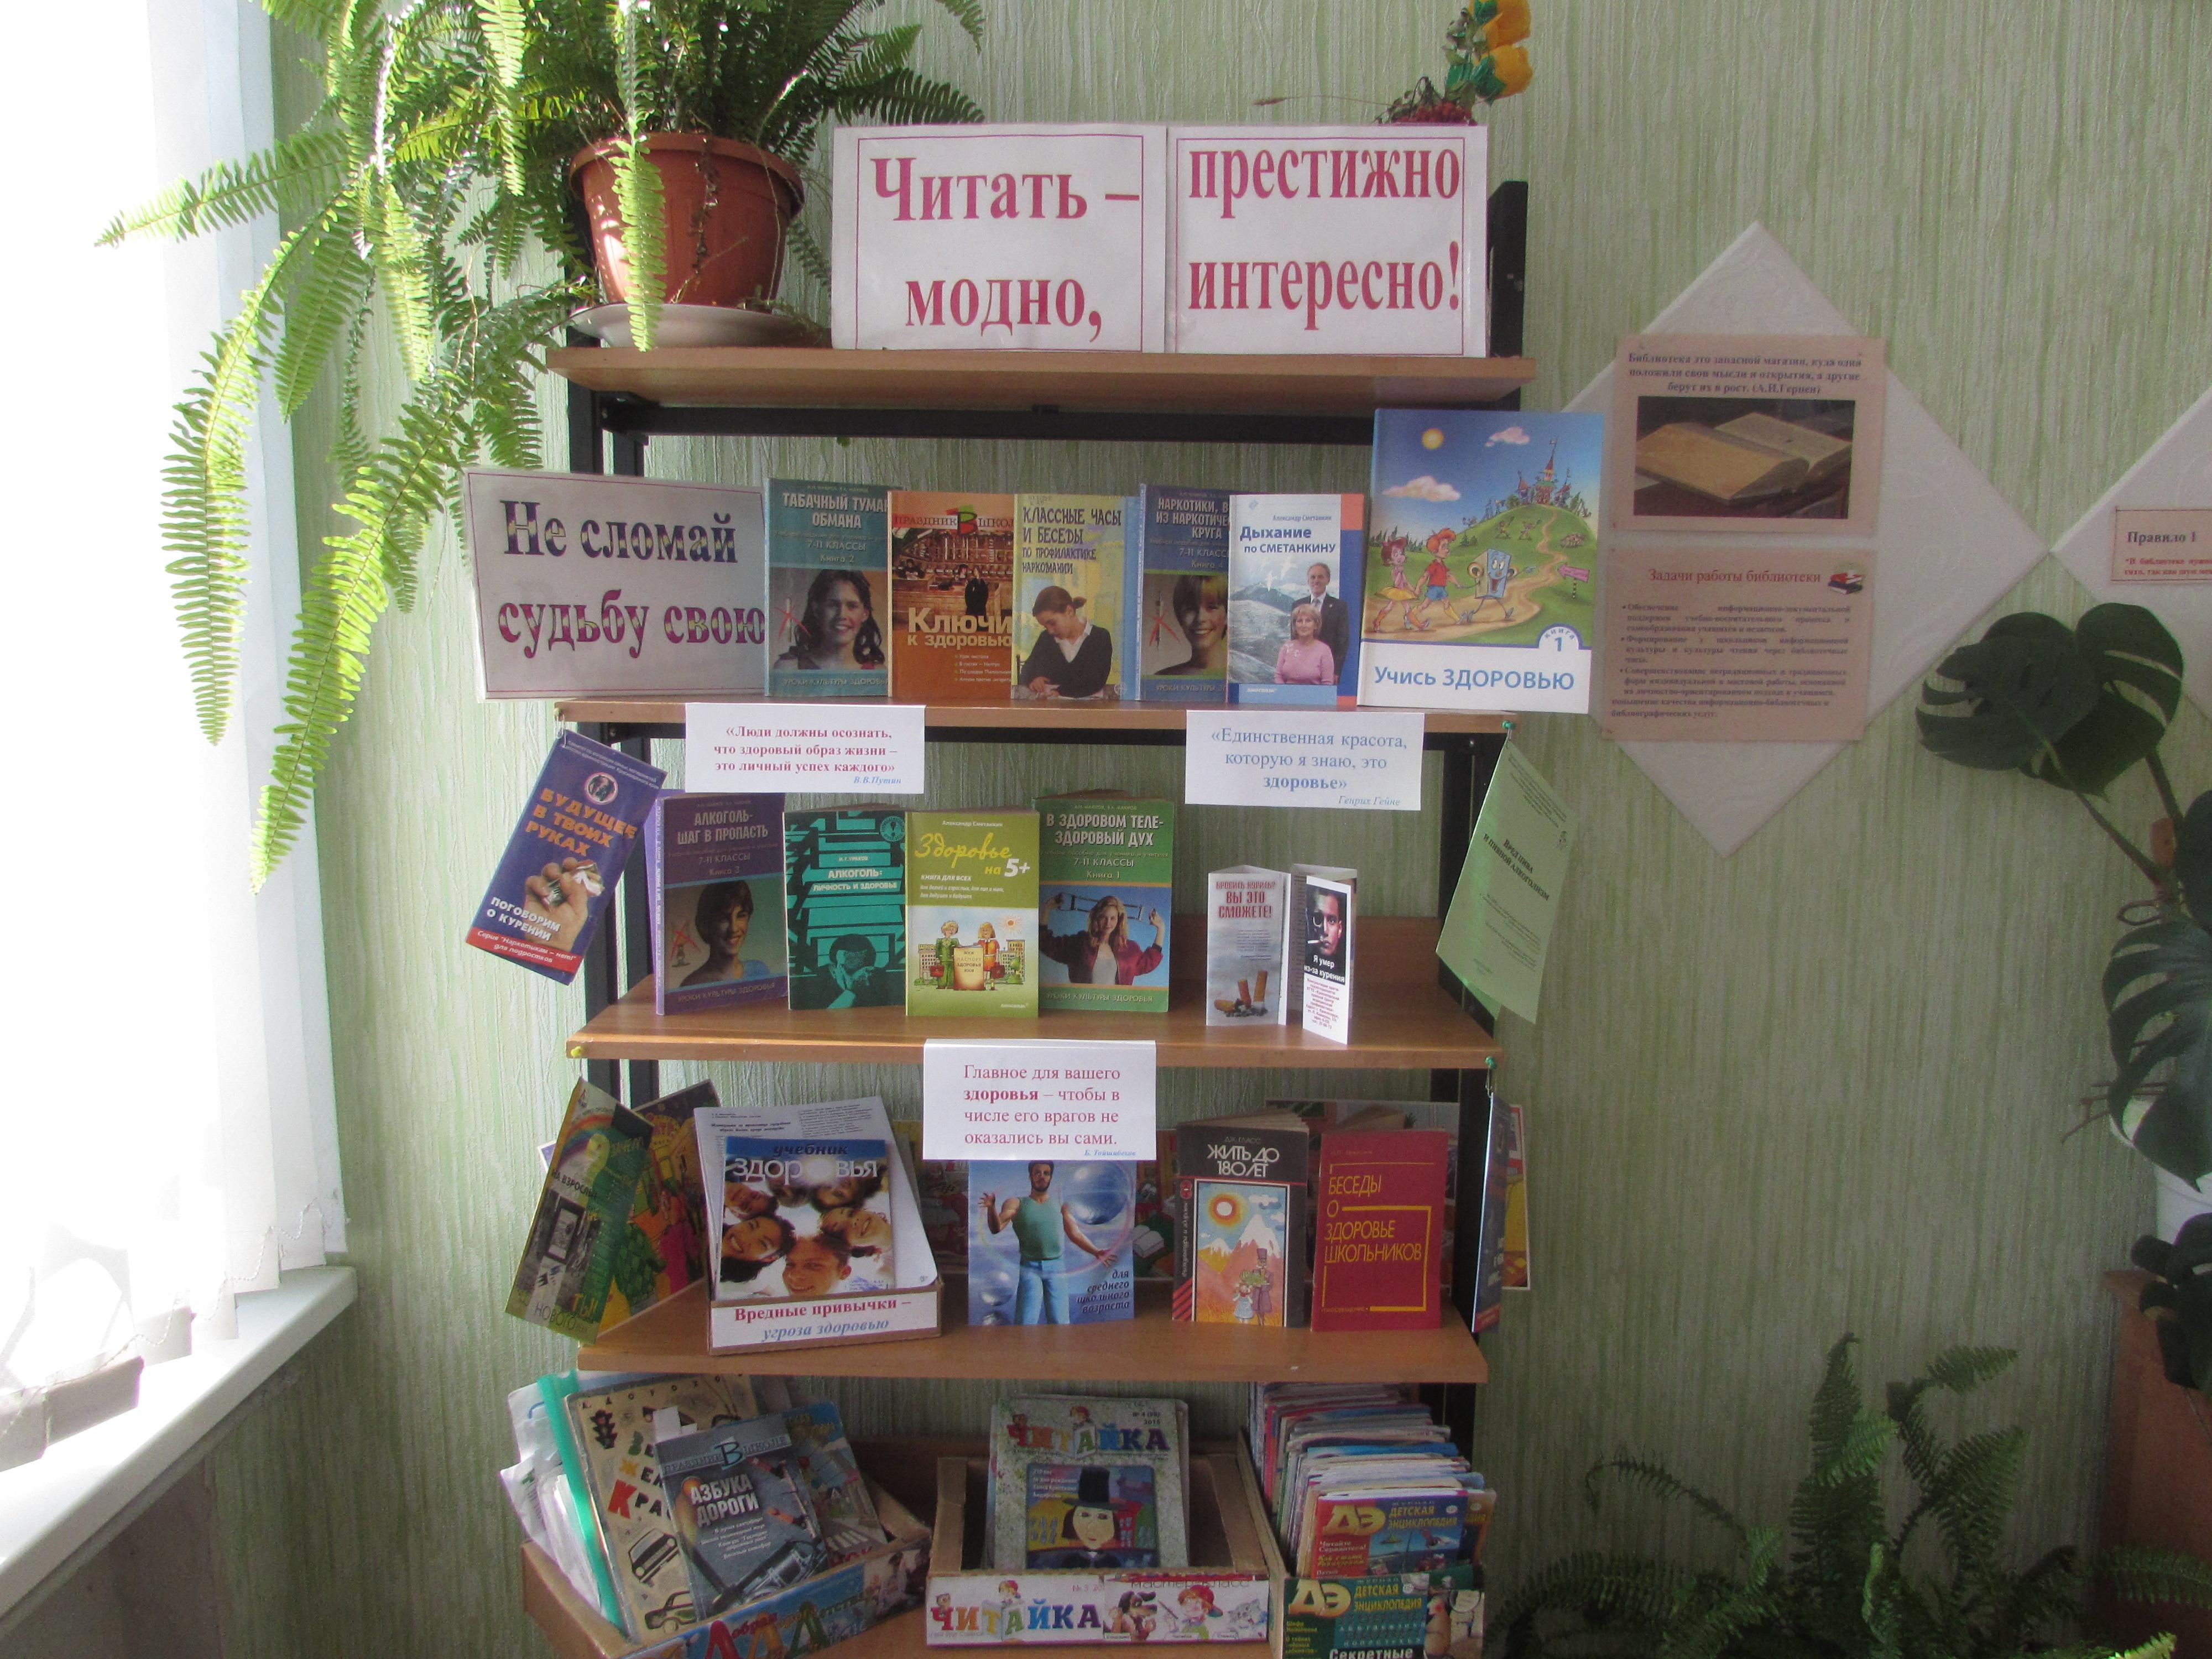 Благодарность за подаренные книги в школьную библиотеку